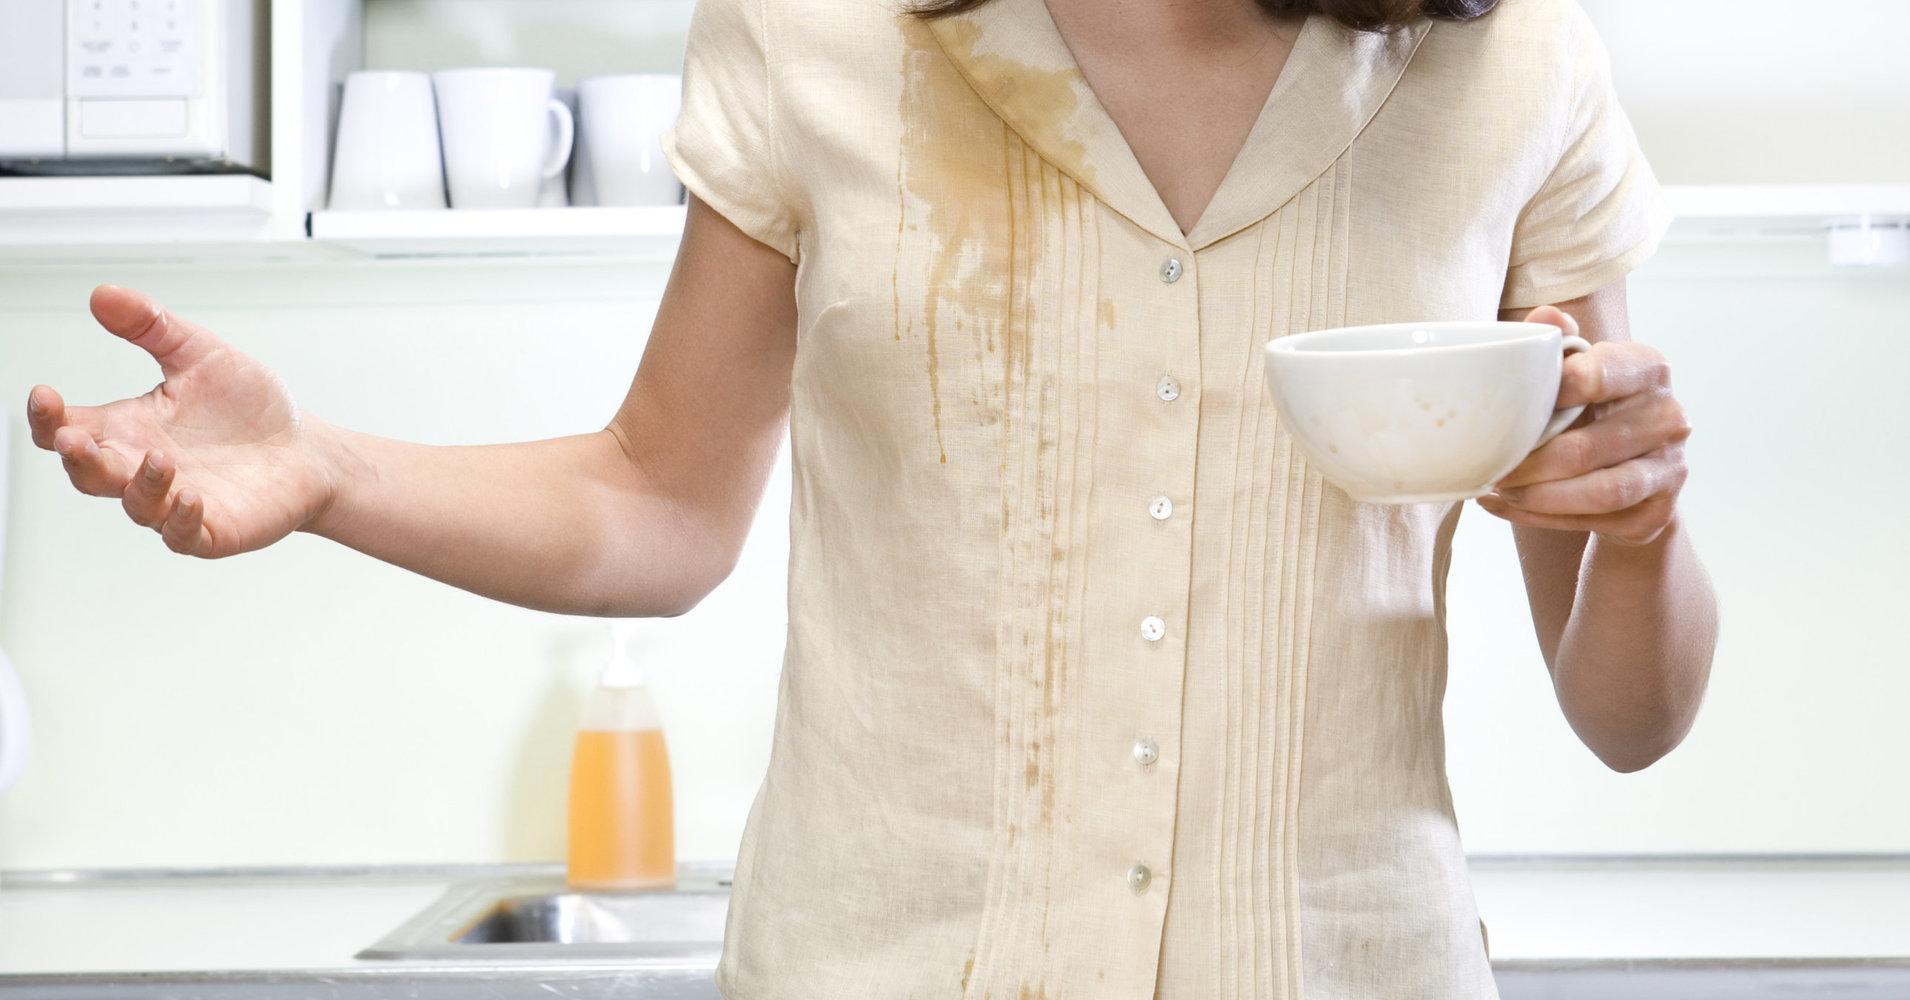 پاک-کردن-لکه-قهوه-چای-از-لباس-قالیشویی-ادیب